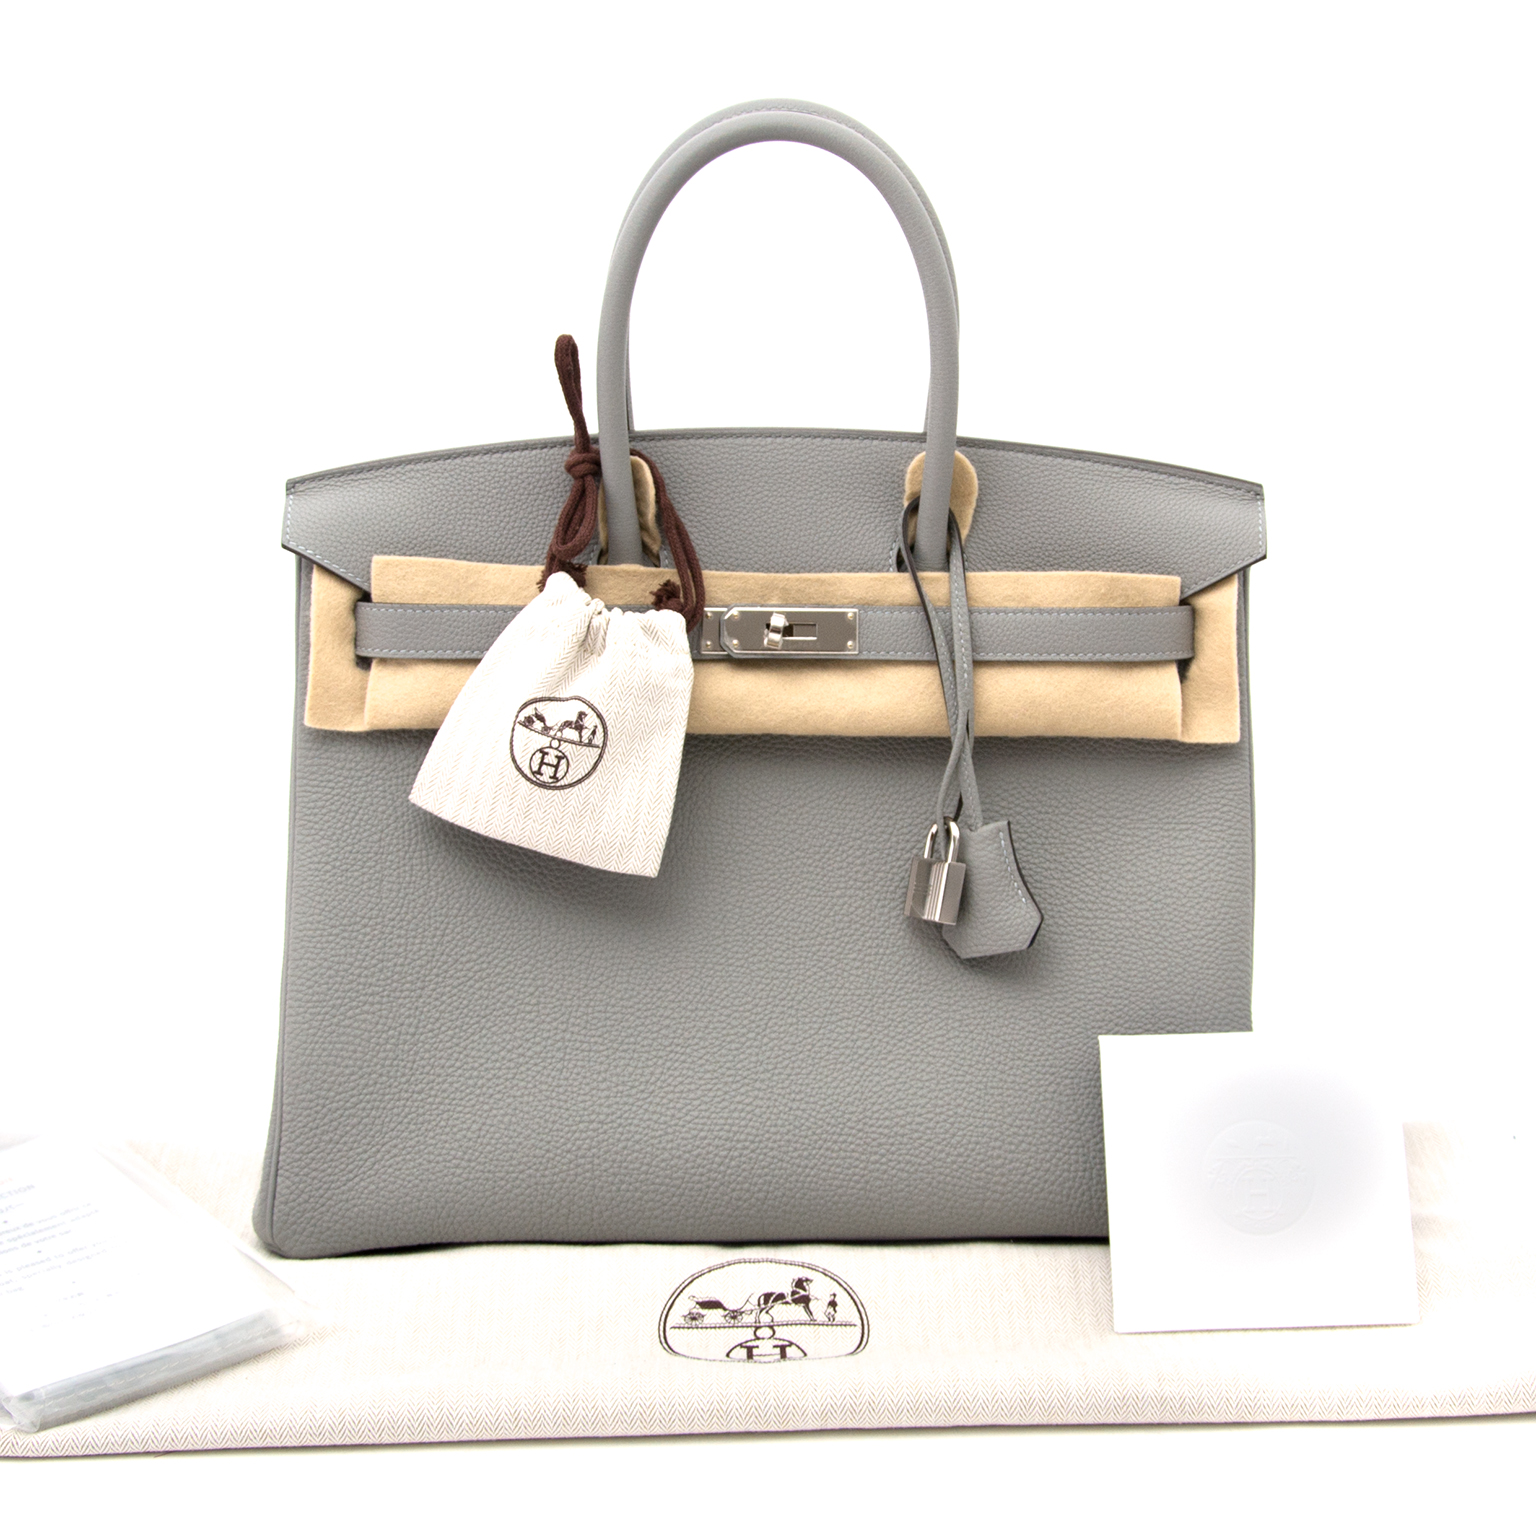 ... koop veilig online aan de beste prijs Brand New Hermes Birkin 35cm  Bicolor Gris Mouette Togo f02d07e7bfb69